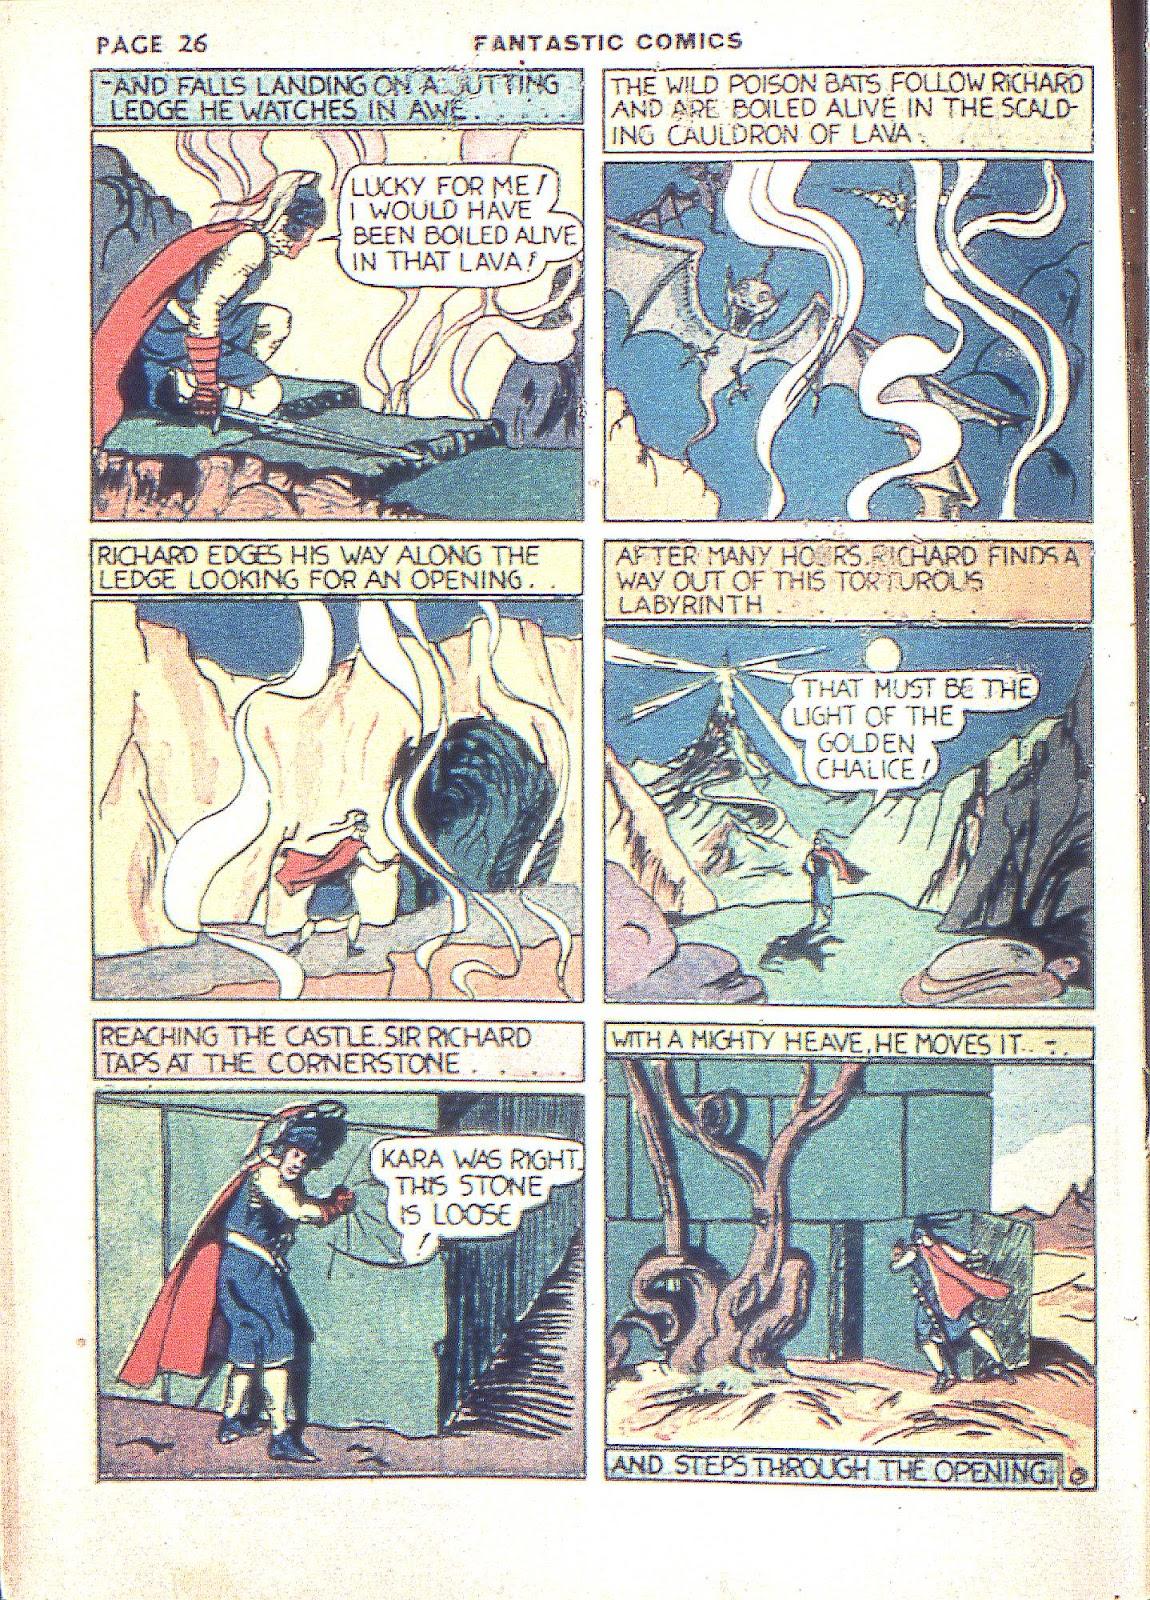 Read online Fantastic Comics comic -  Issue #3 - 29